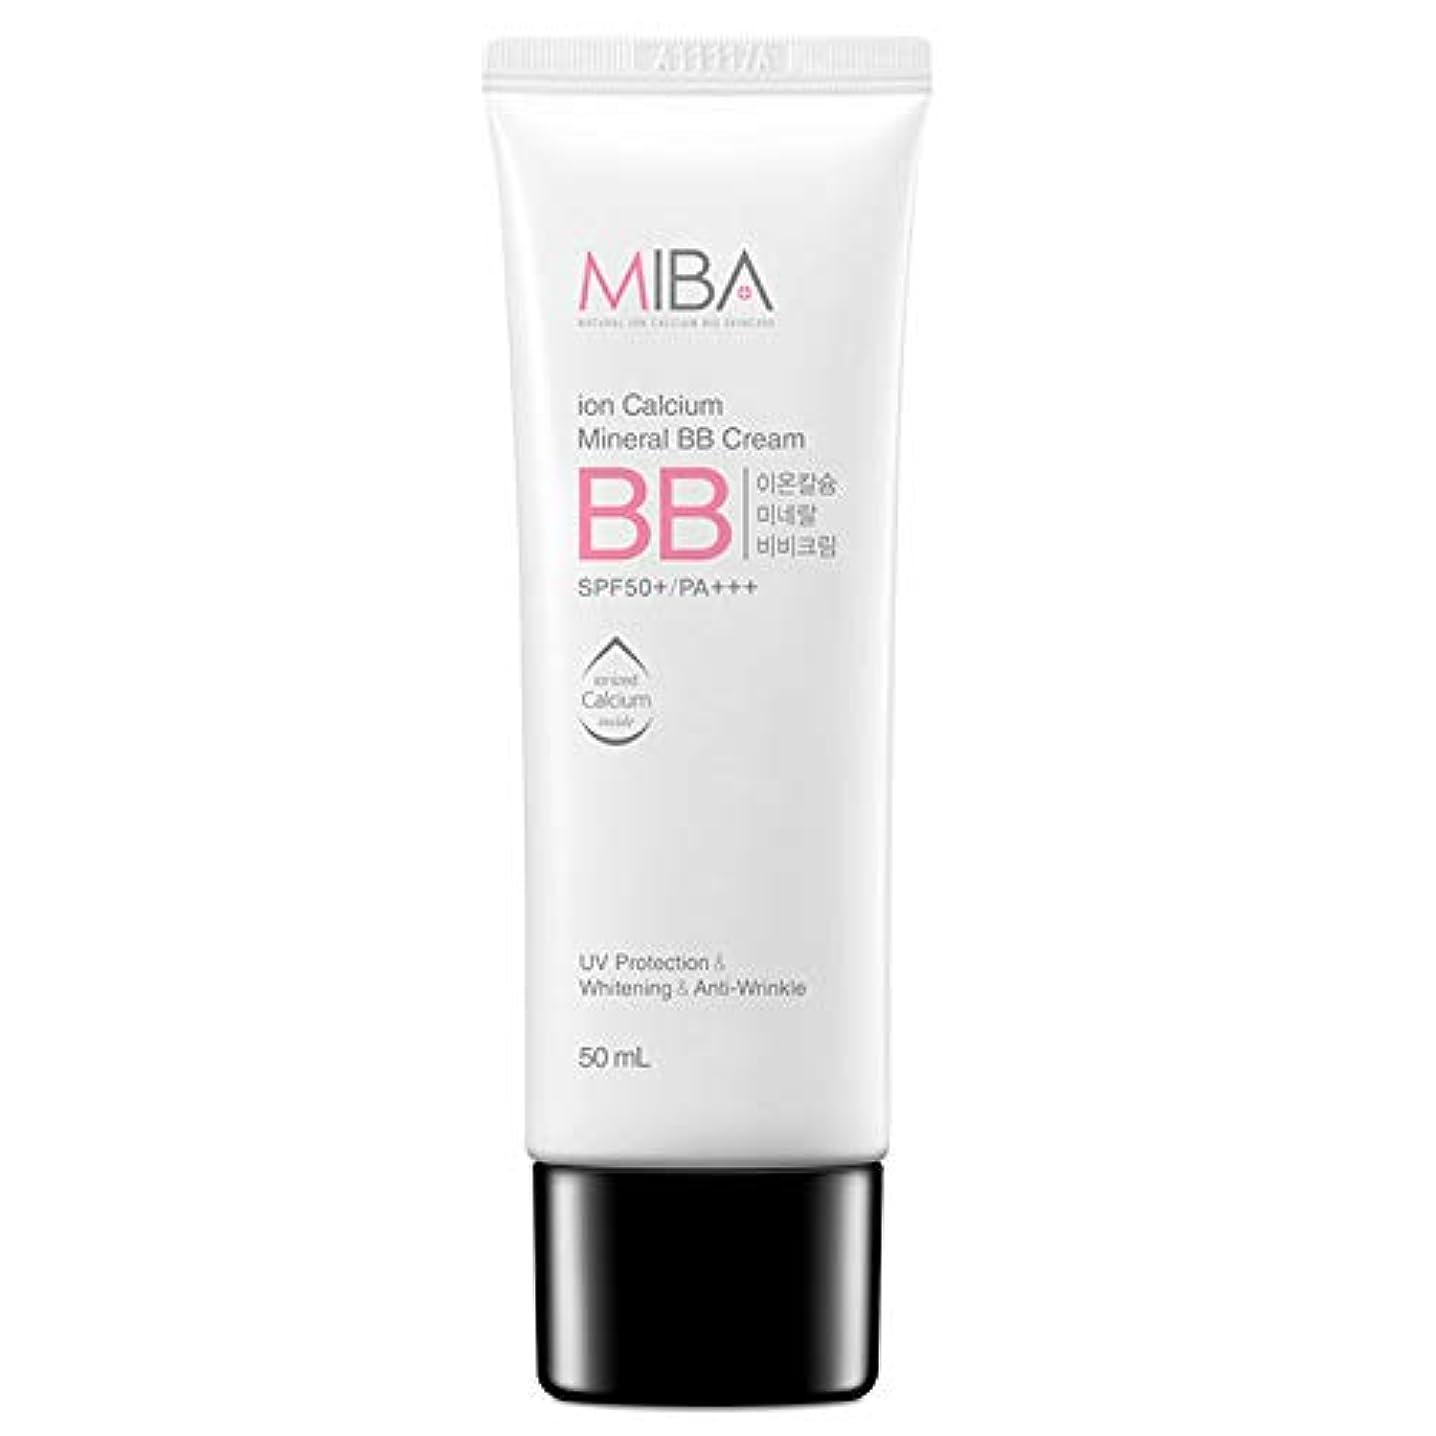 便益帝国主義シャッタースキンDr ミバ IC ミネラルBBクリーム SPF50+/ PA+++ / MIBA Ion Calcium Mineral BB Cream [正規品]